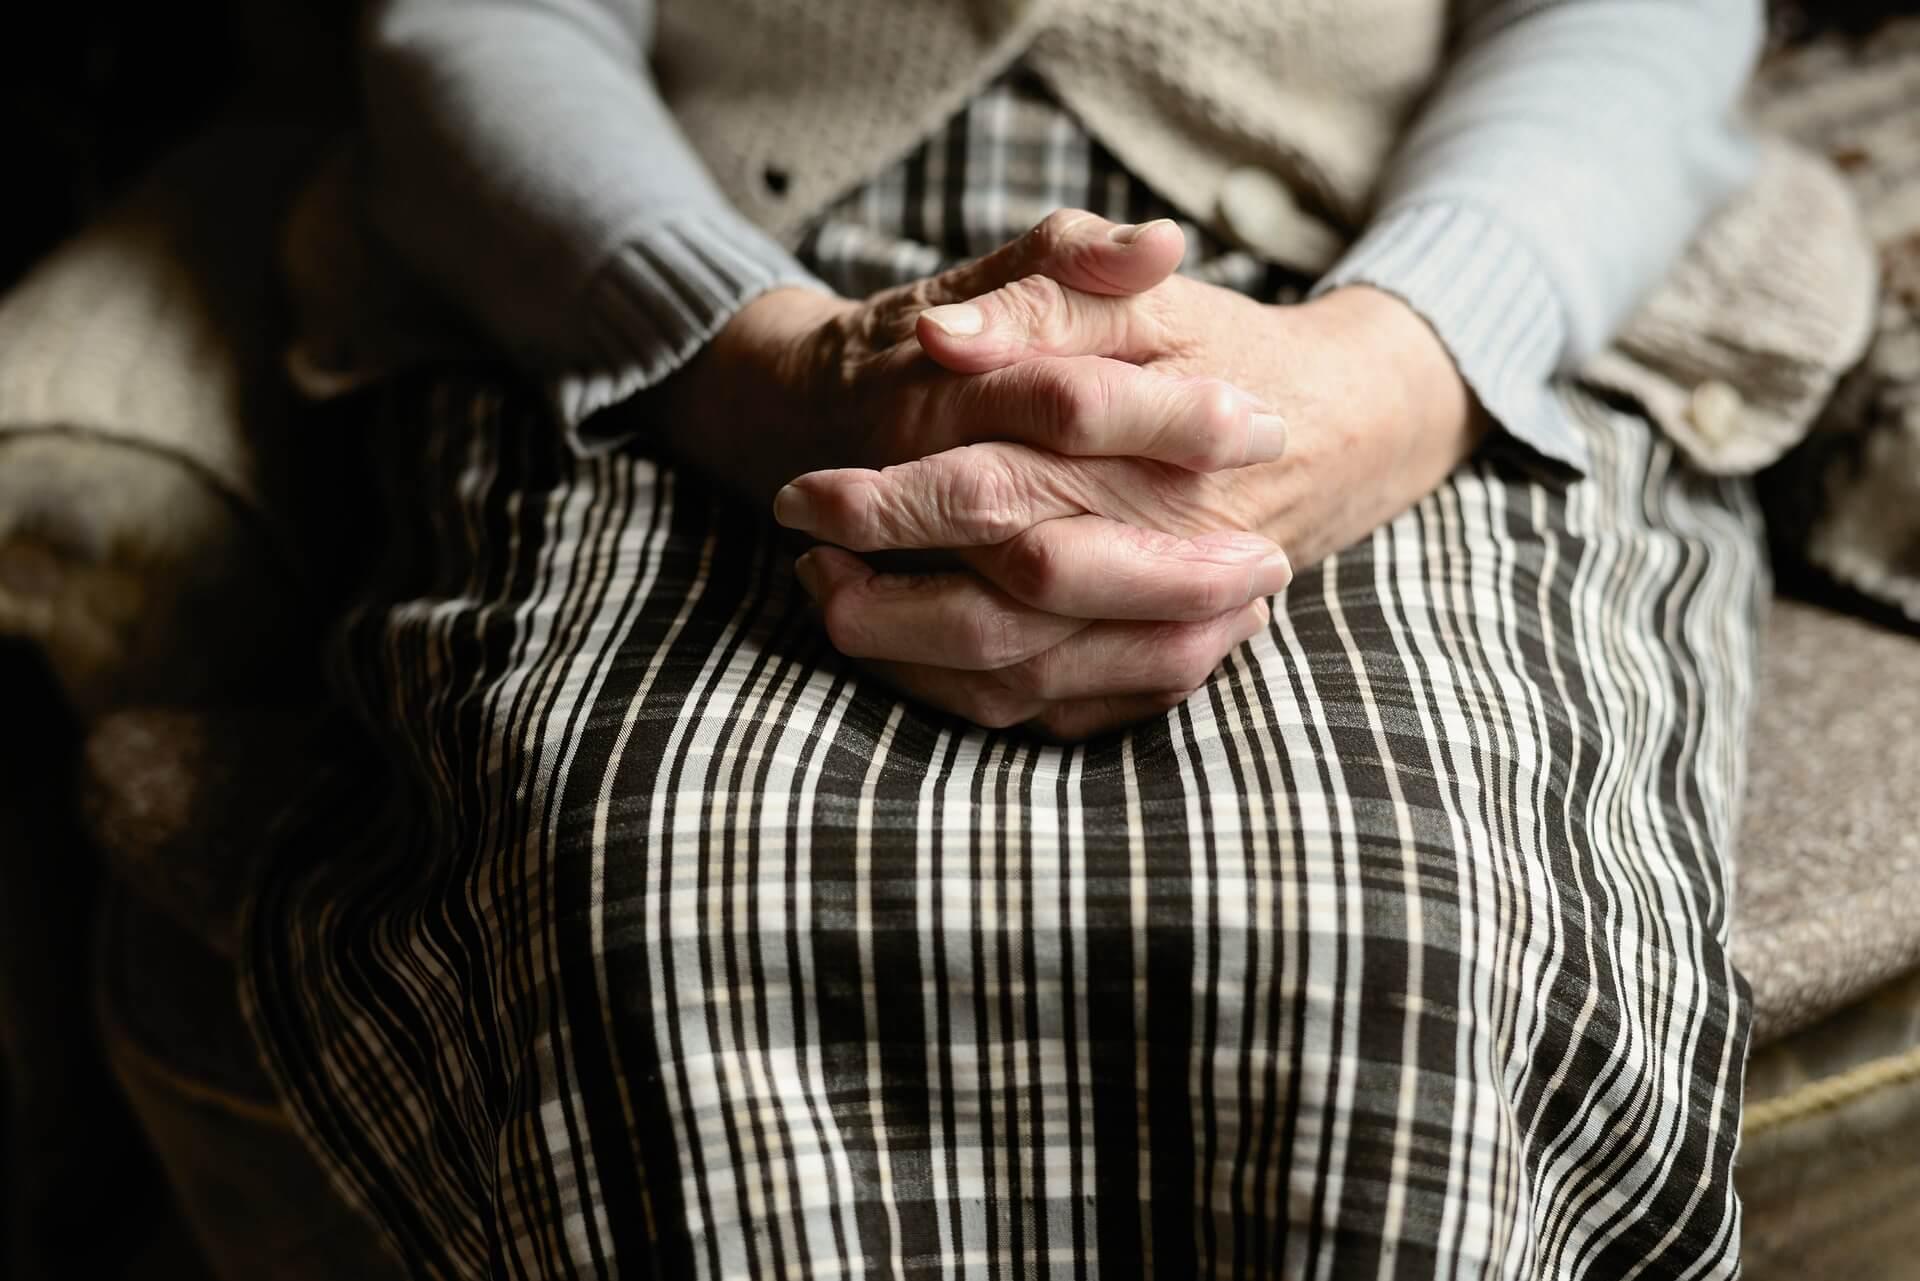 Δουλειά: Εσωτερική Οικιακή Βοηθός - Γηροκόμος